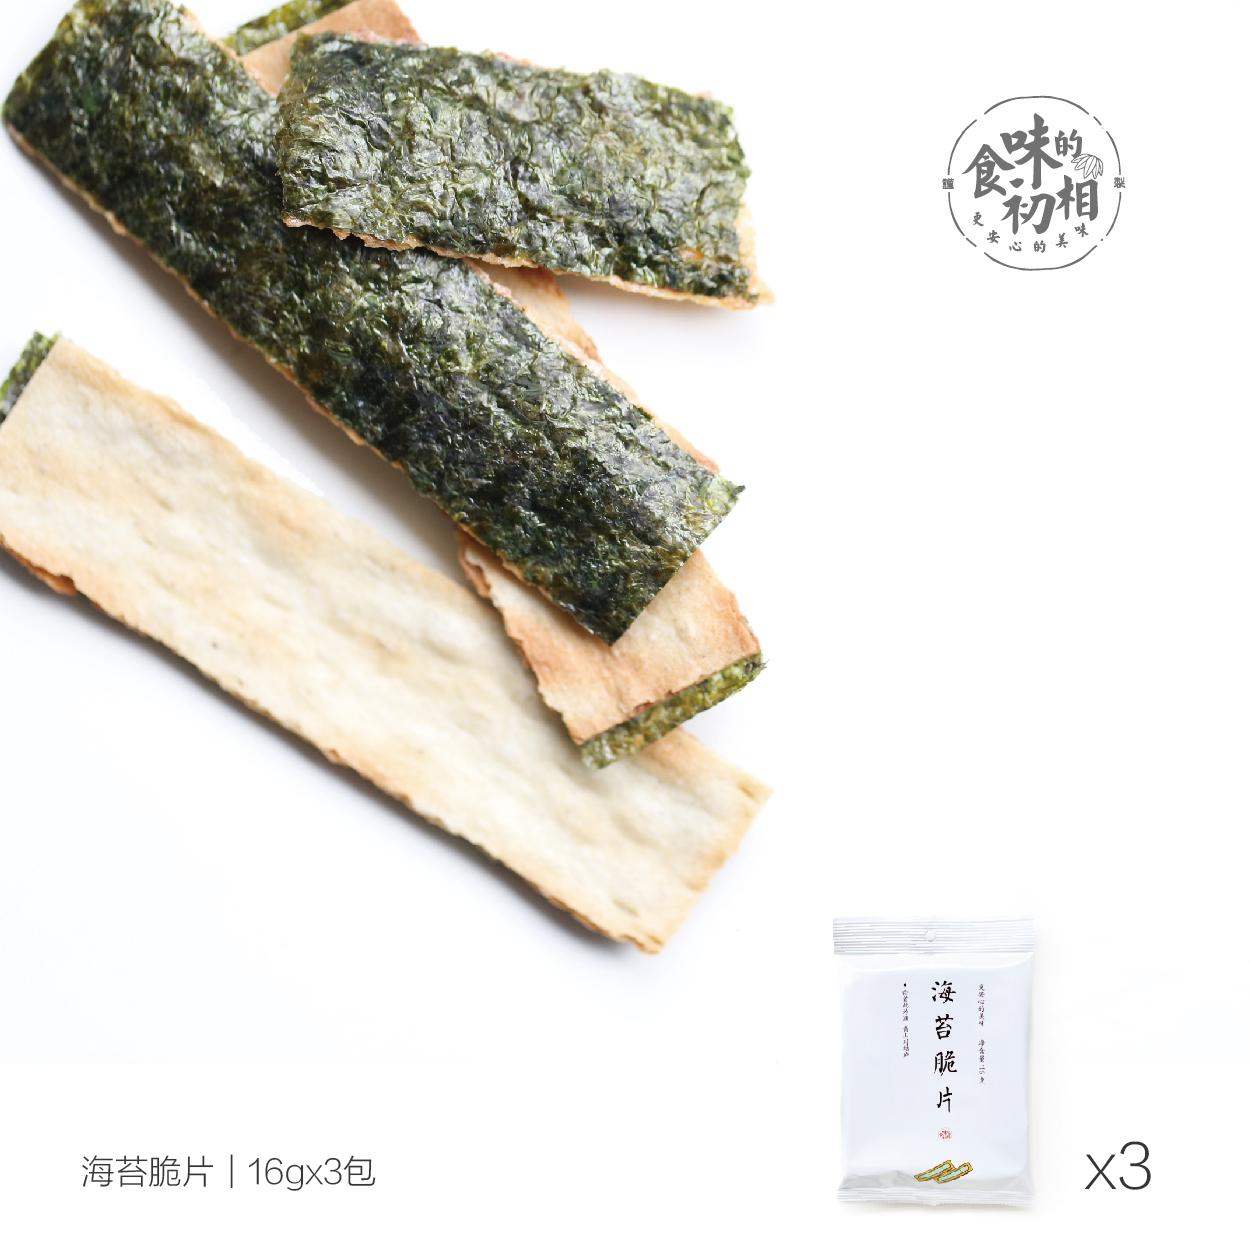 食味的初相海苔海苔夹心脆即食鱼糜(非品牌)